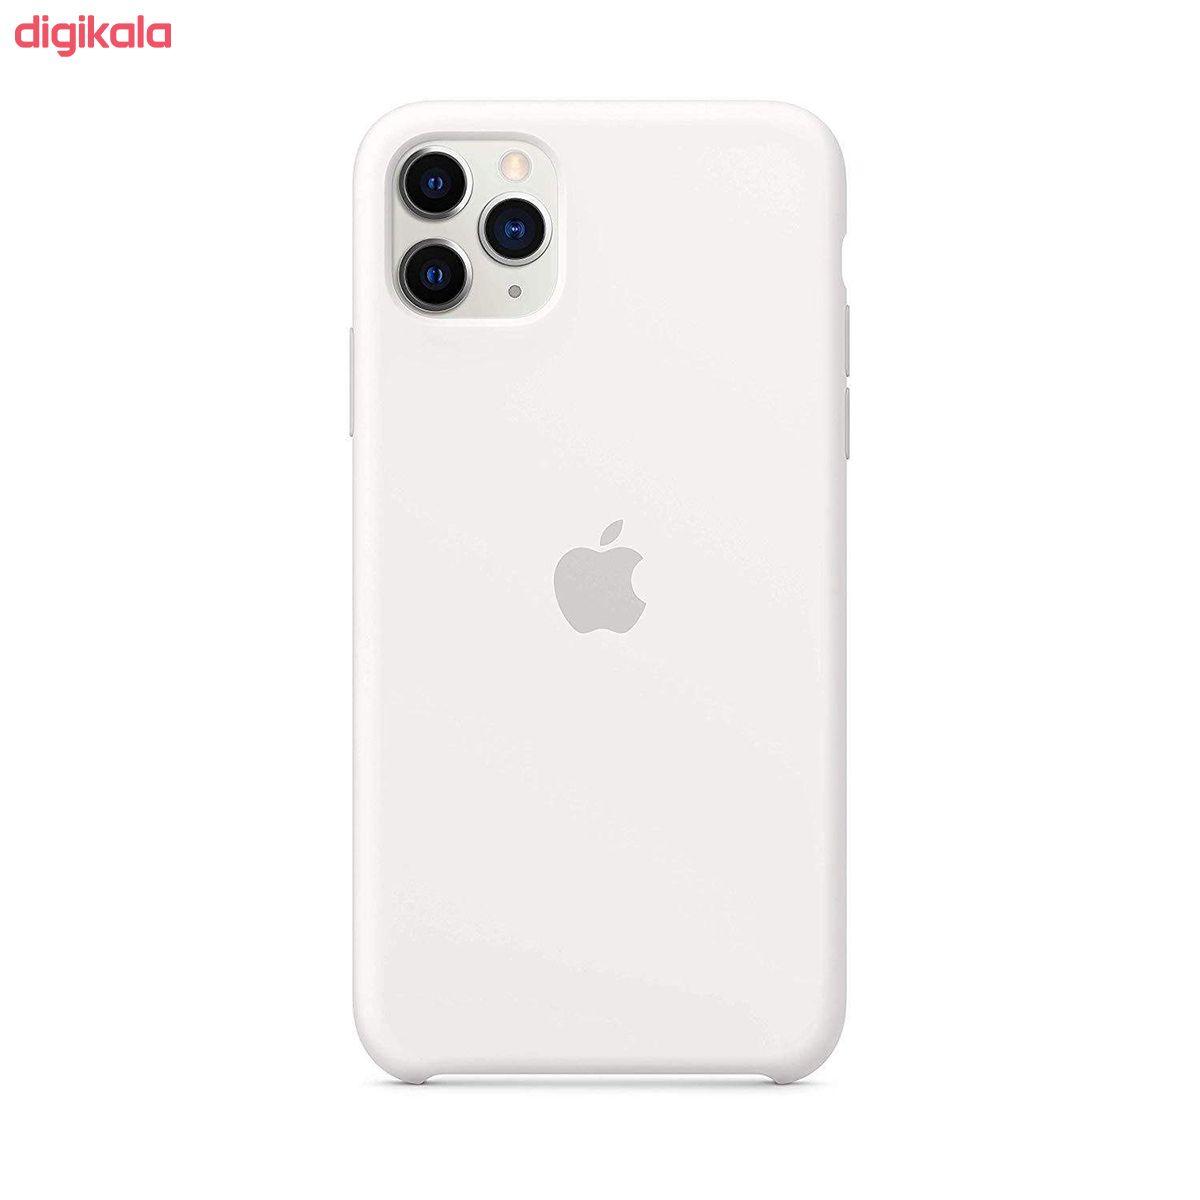 کاور مدل SCS مناسب برای گوشی موبایل اپل Iphone 11 Pro Max main 1 1